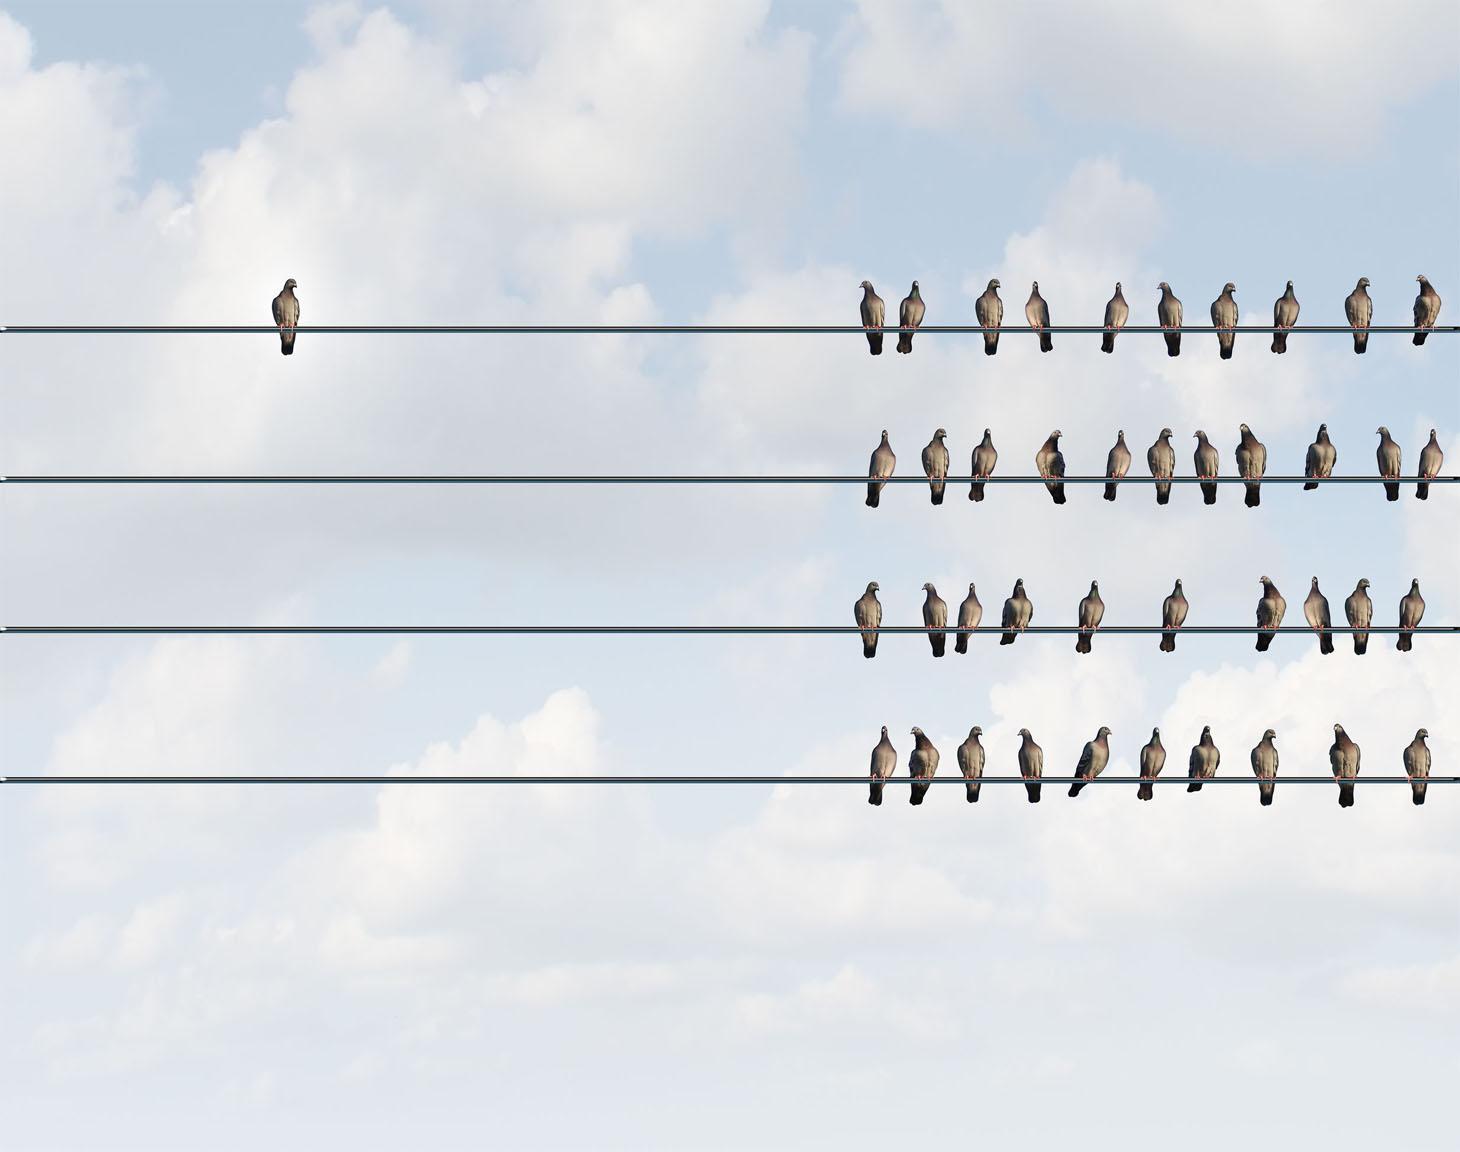 Hayatta başarılı olmak için doğru düşünmek nasıl